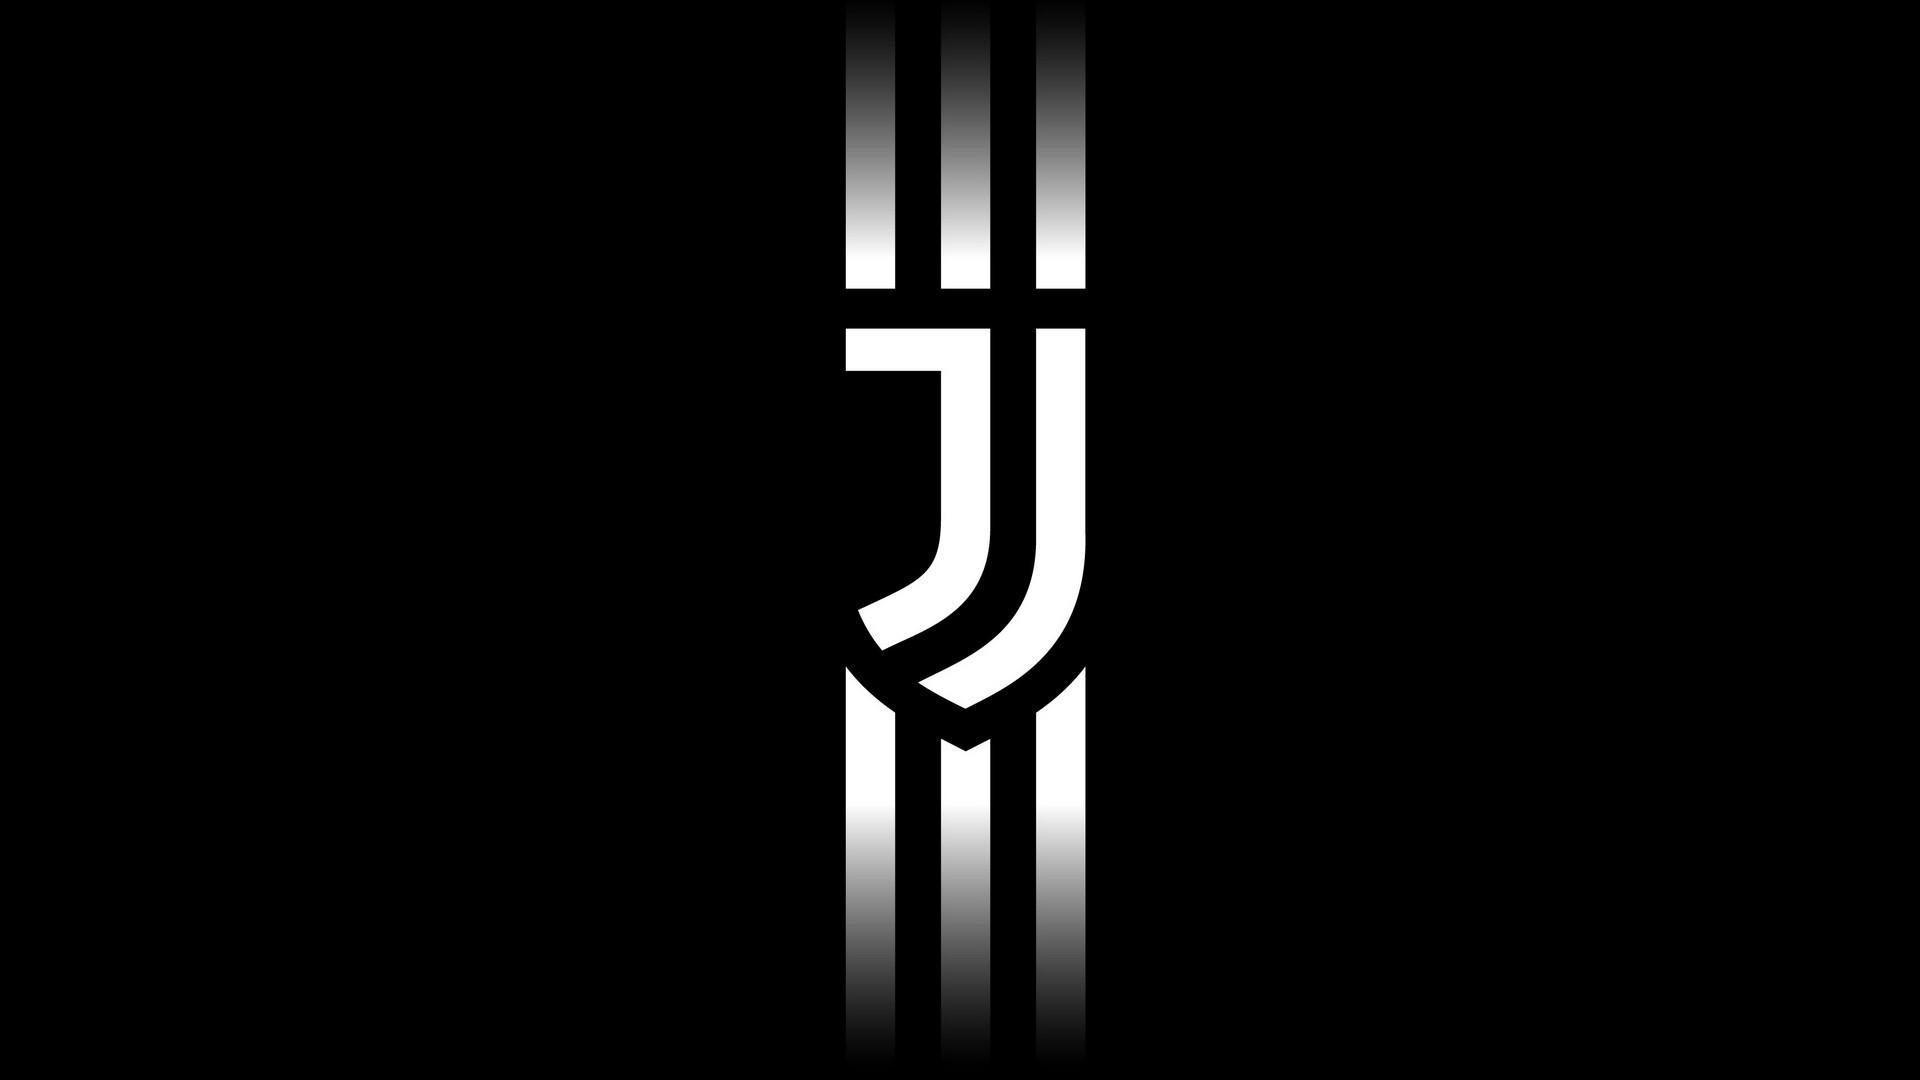 Juventus hd desktop wallpaper